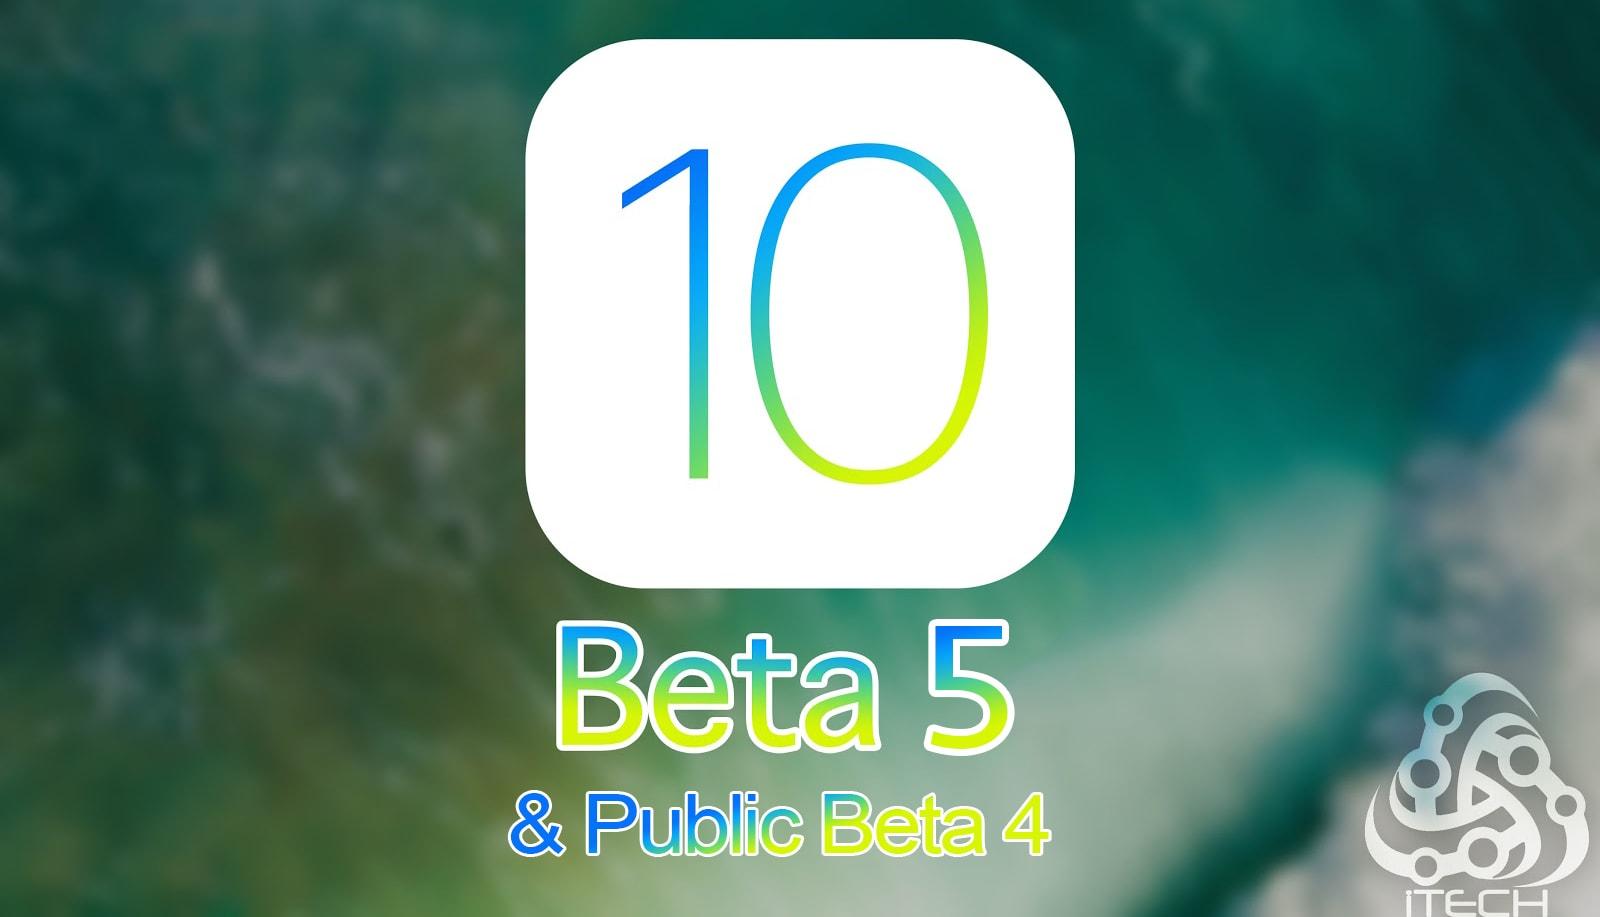 المزايا الجديدة في iOS 10 بيتا 5